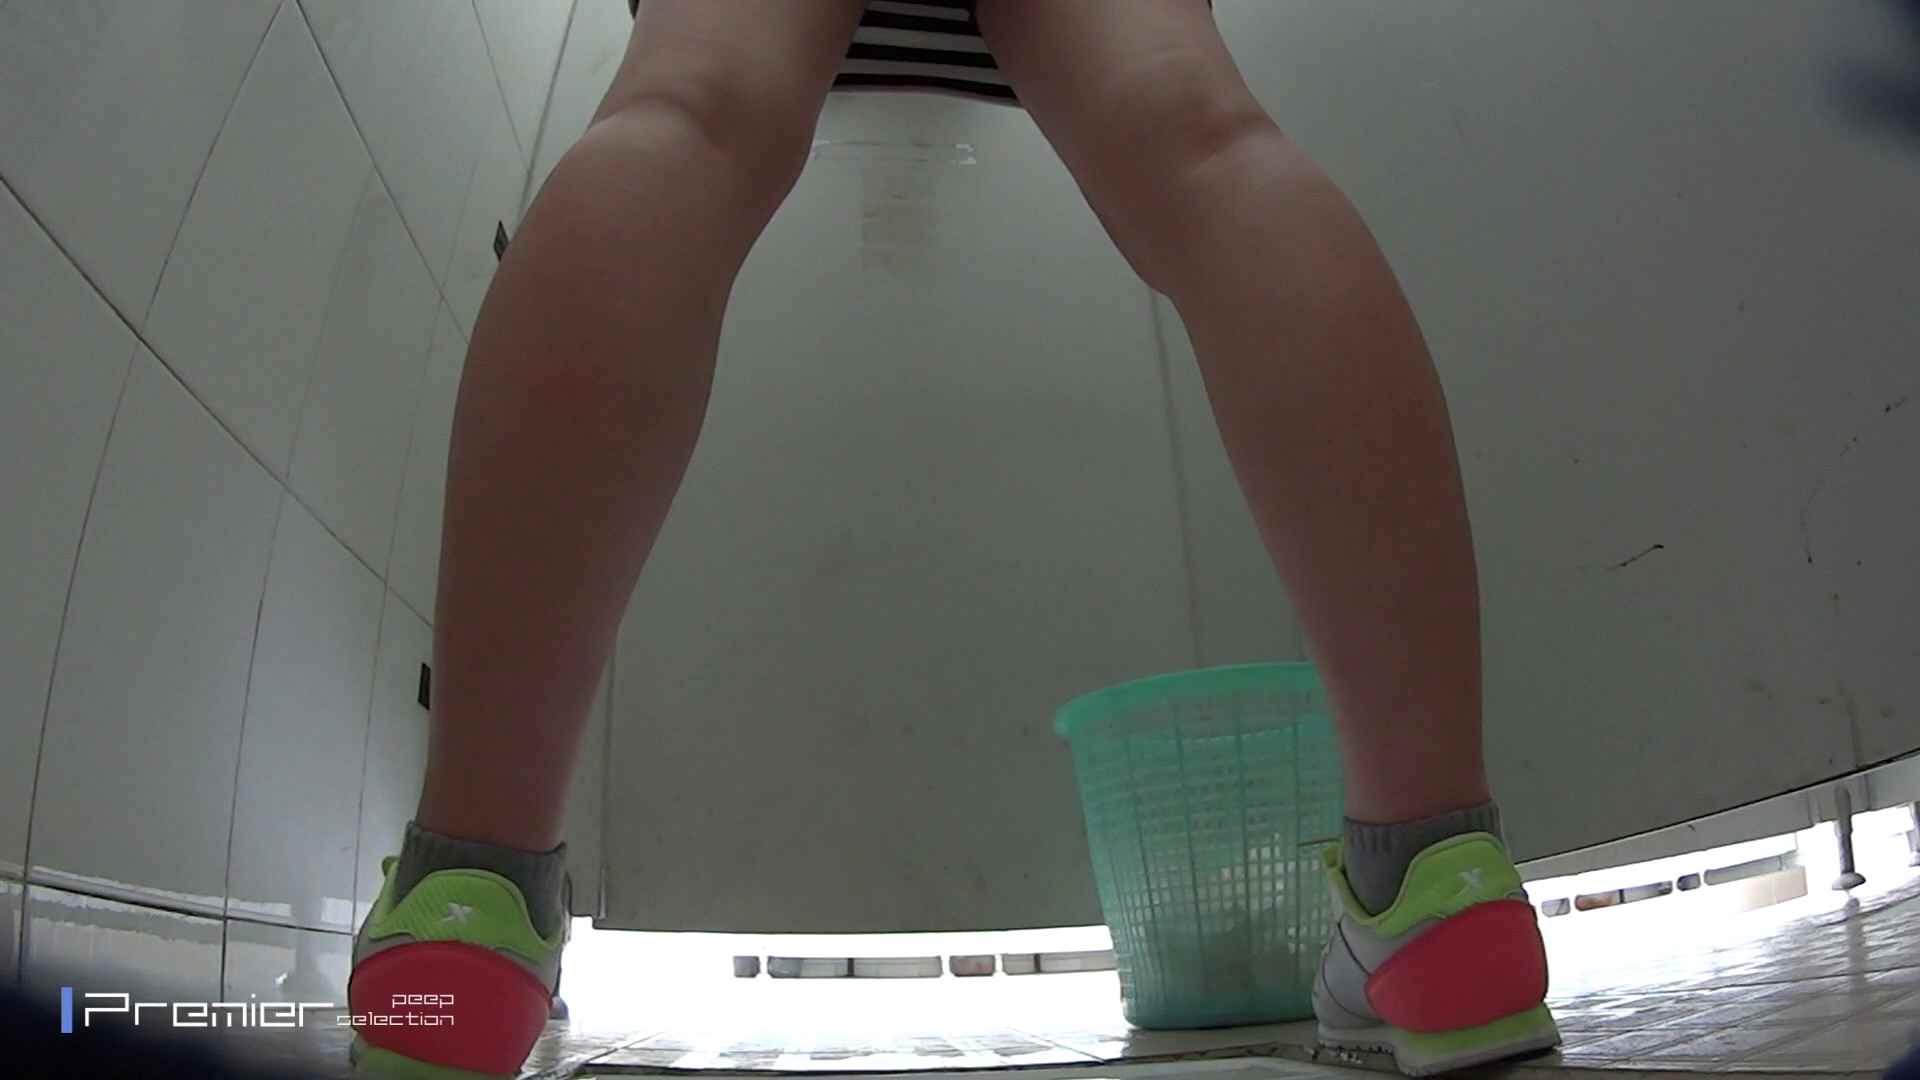 美しい女良たちのトイレ事情 有名大学休憩時間の洗面所事情06 美女 おまんこ動画流出 84pic 83